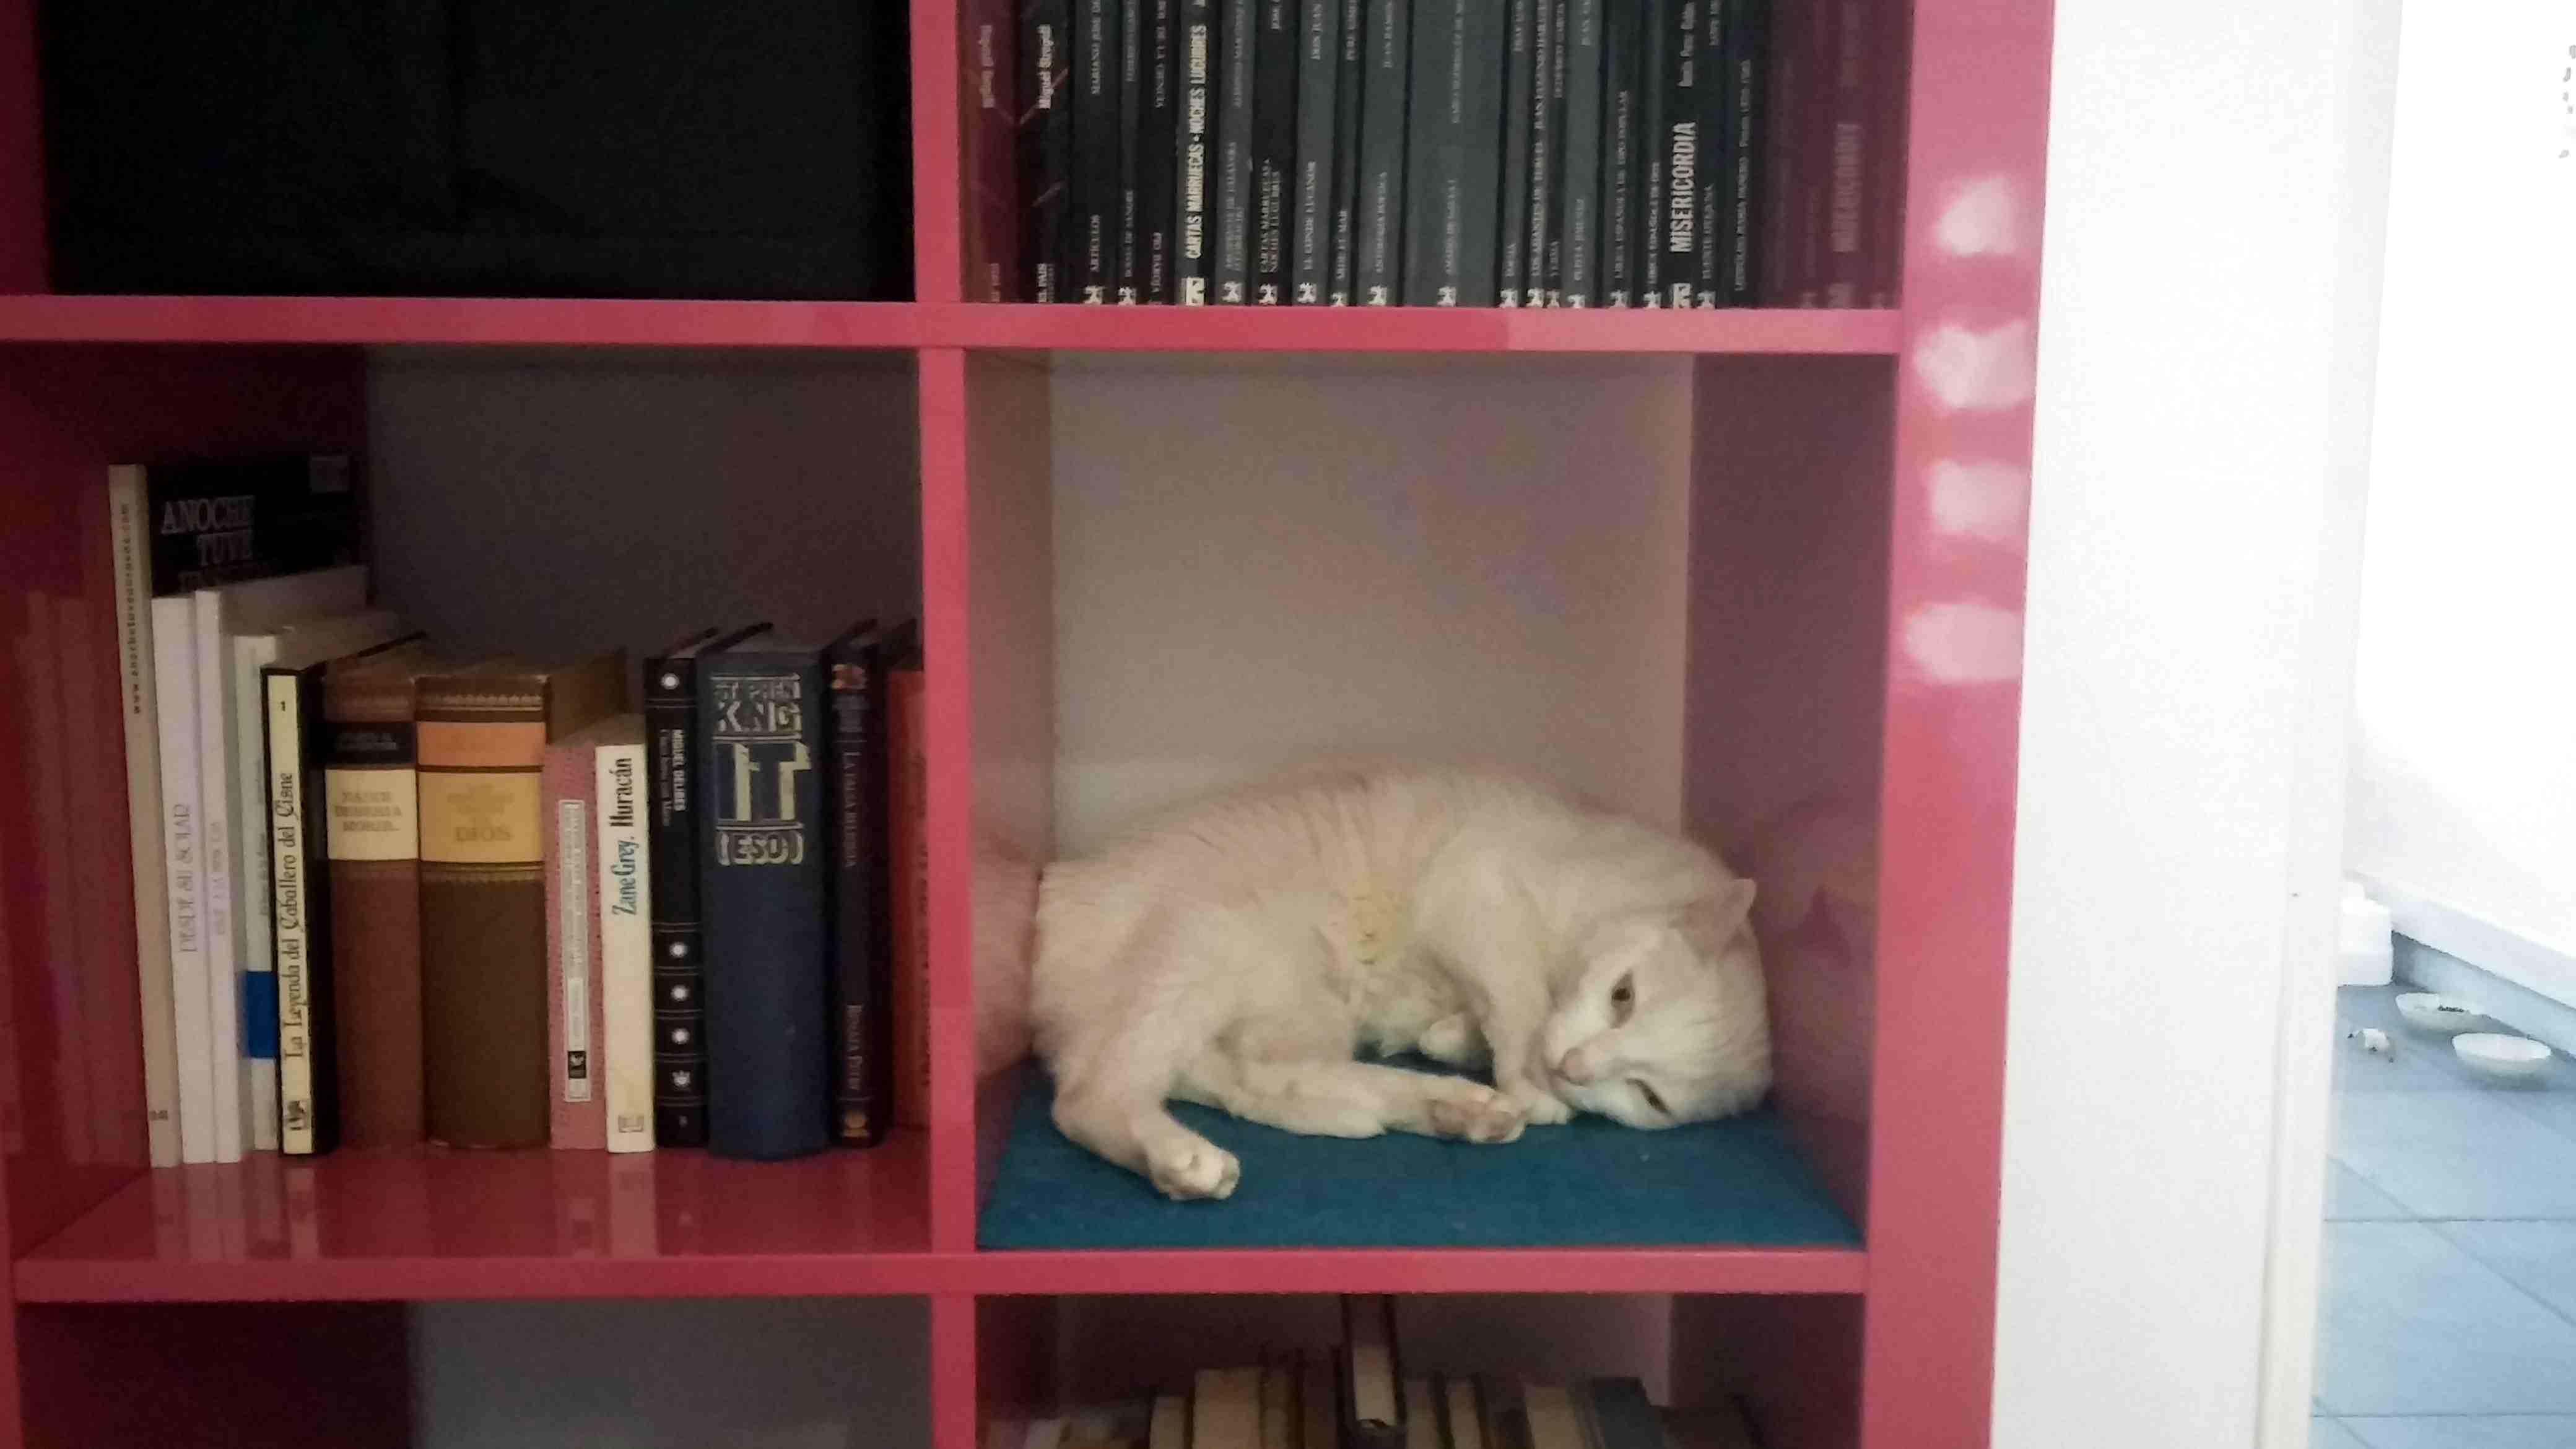 La Gatoteca Cat Cafe in Madrid